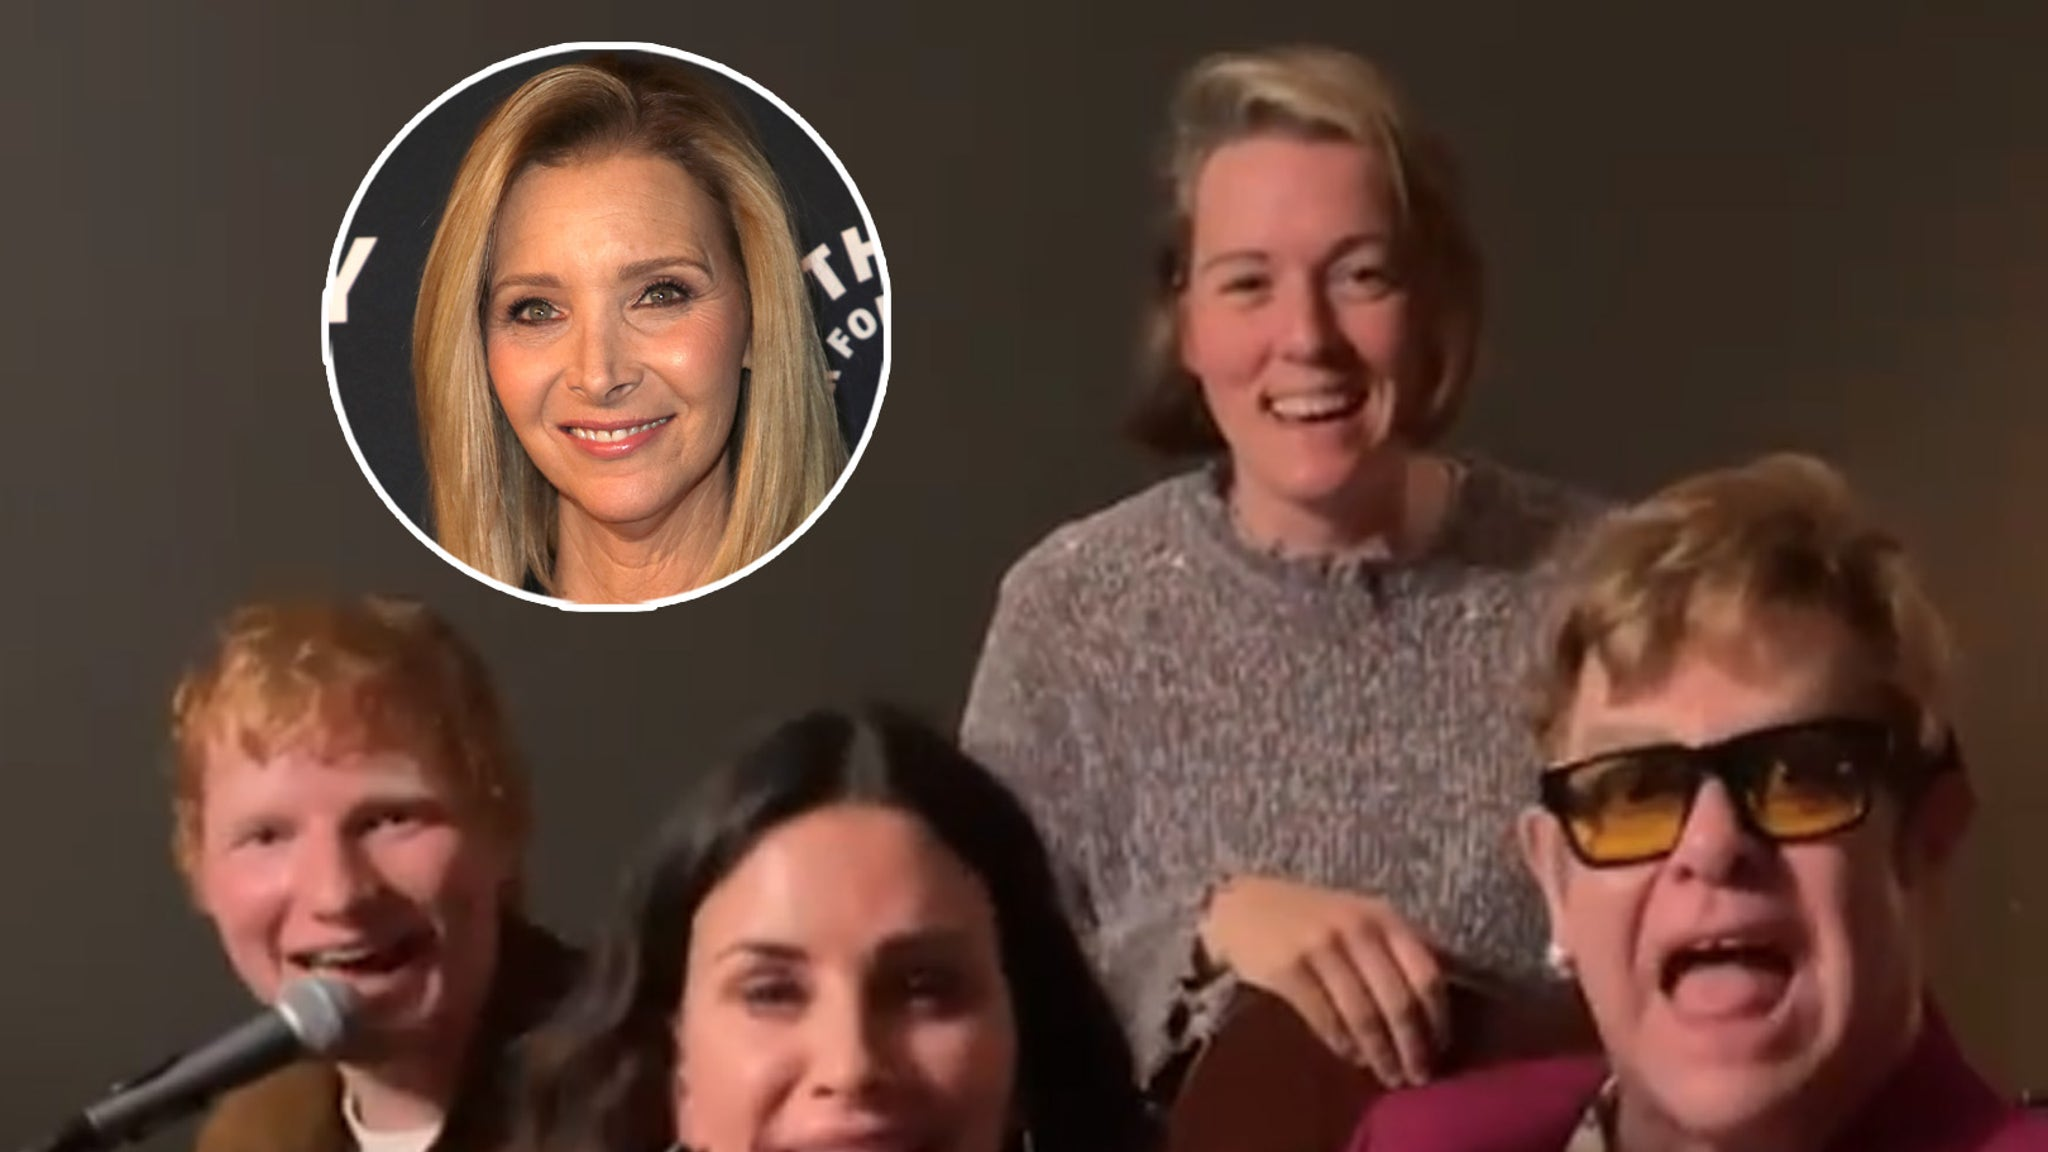 Courteney Cox, Ed Sheeran and Elton John perform 'Tony Danza' for Lisa Kudrow